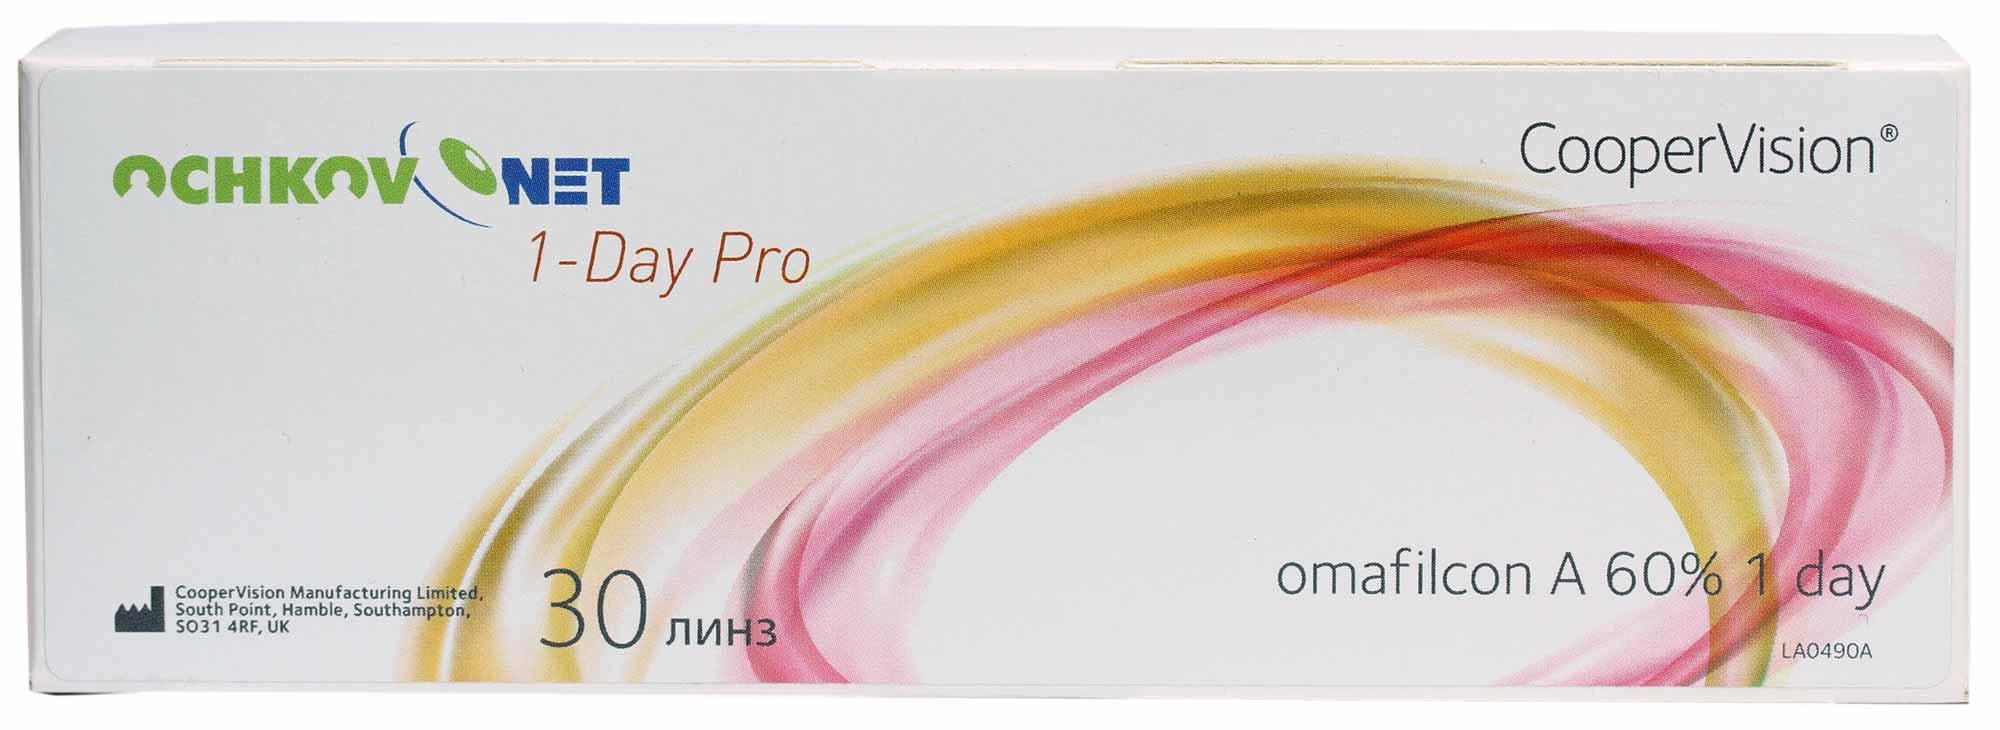 Контактные линзы Ochkov.Net 1-Day Pro 30 линз